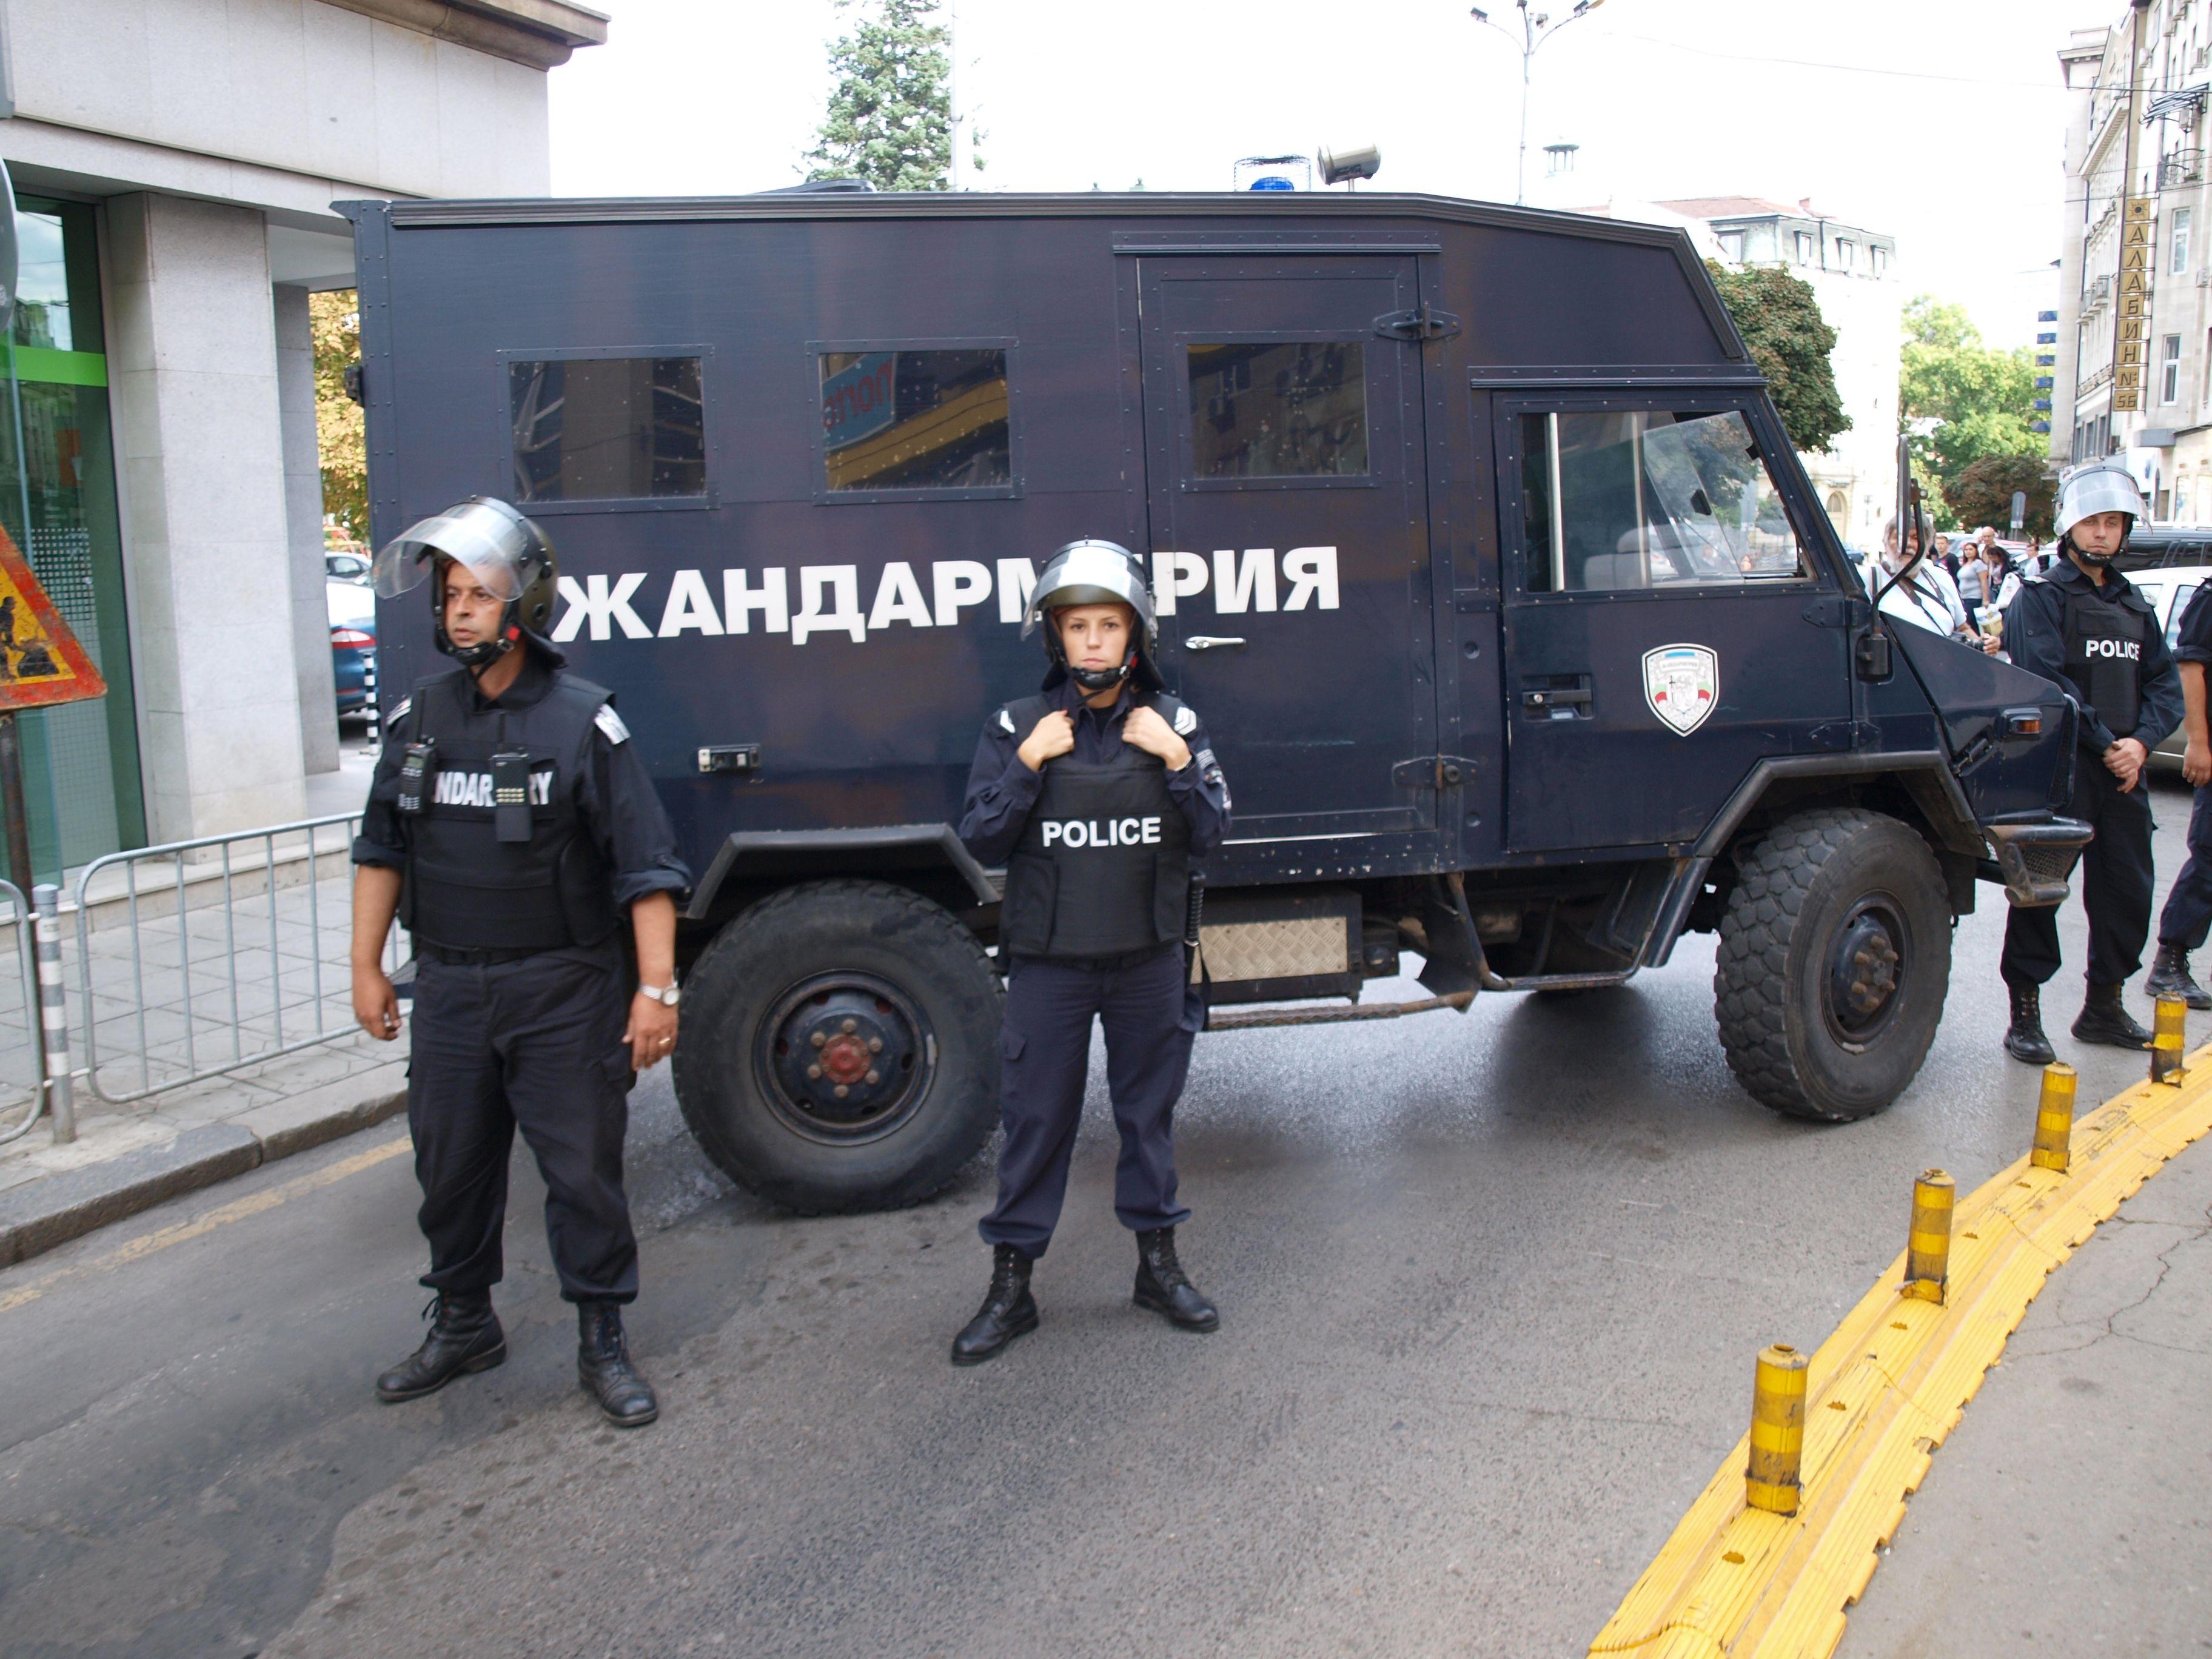 Bułgaria rozbija siatkę szpiegów. Pracowali dla Rosji